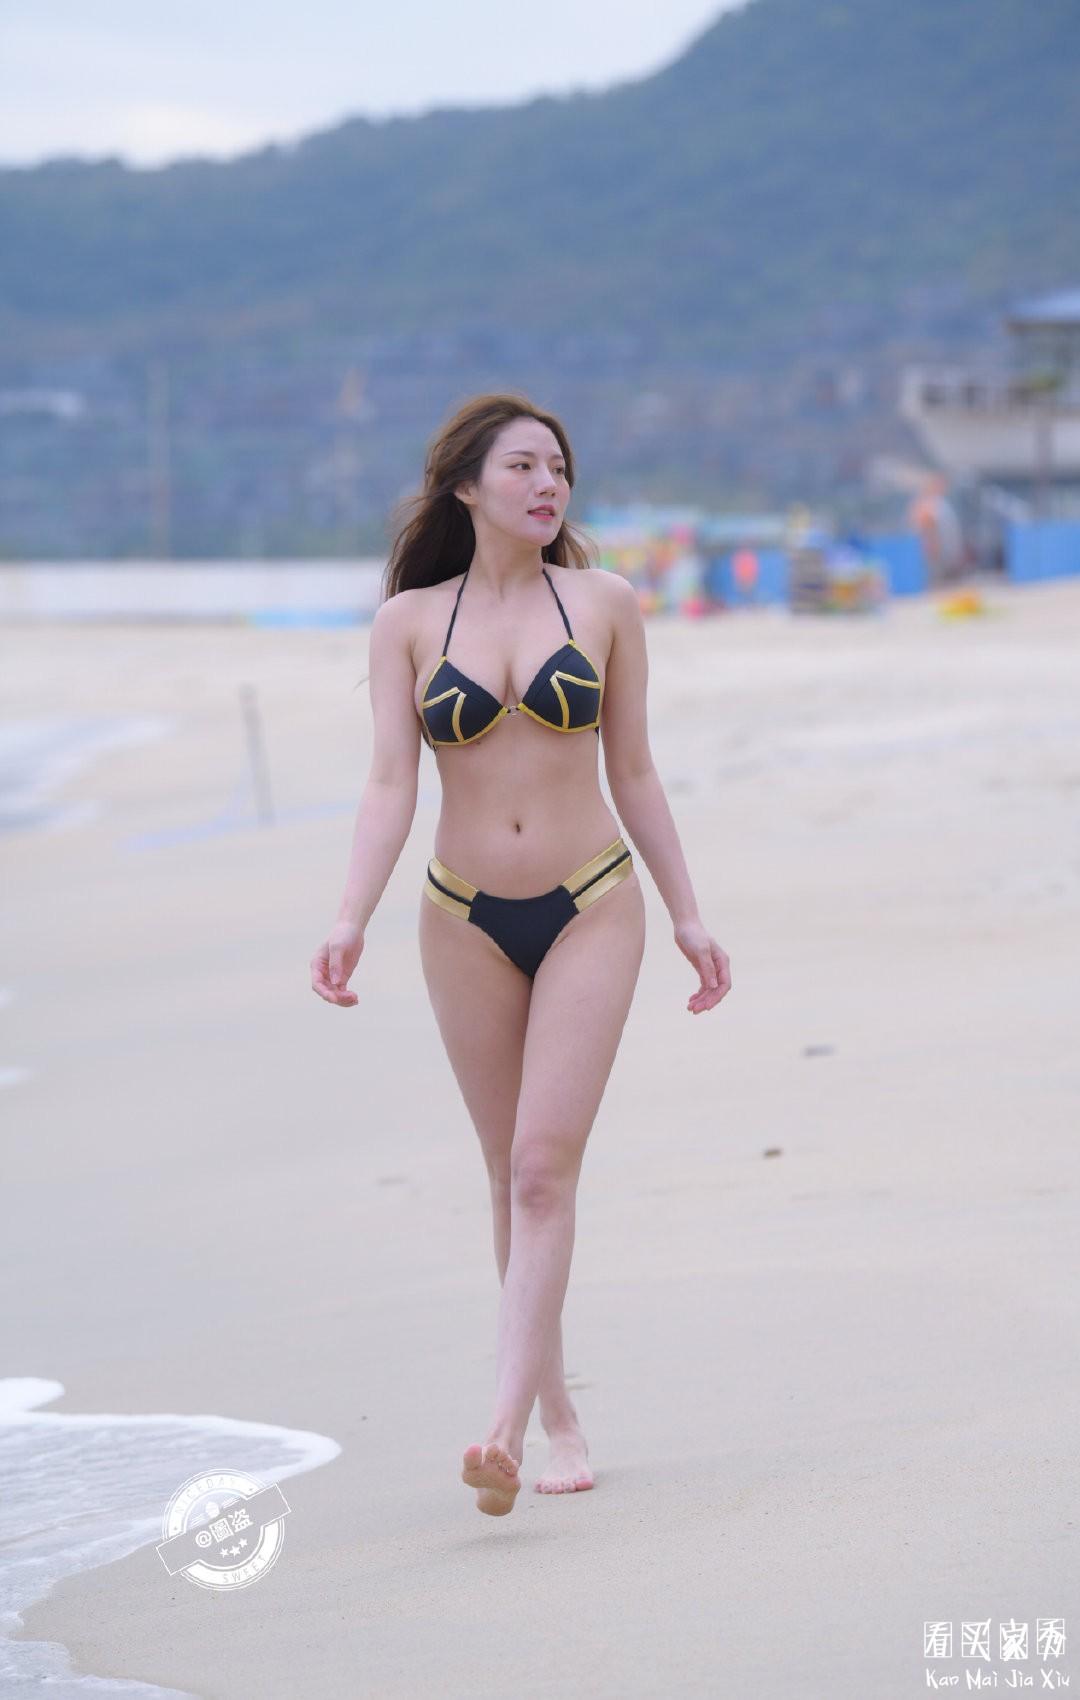 [街拍美女]海边性感比基尼美女,像极了神奇女侠1